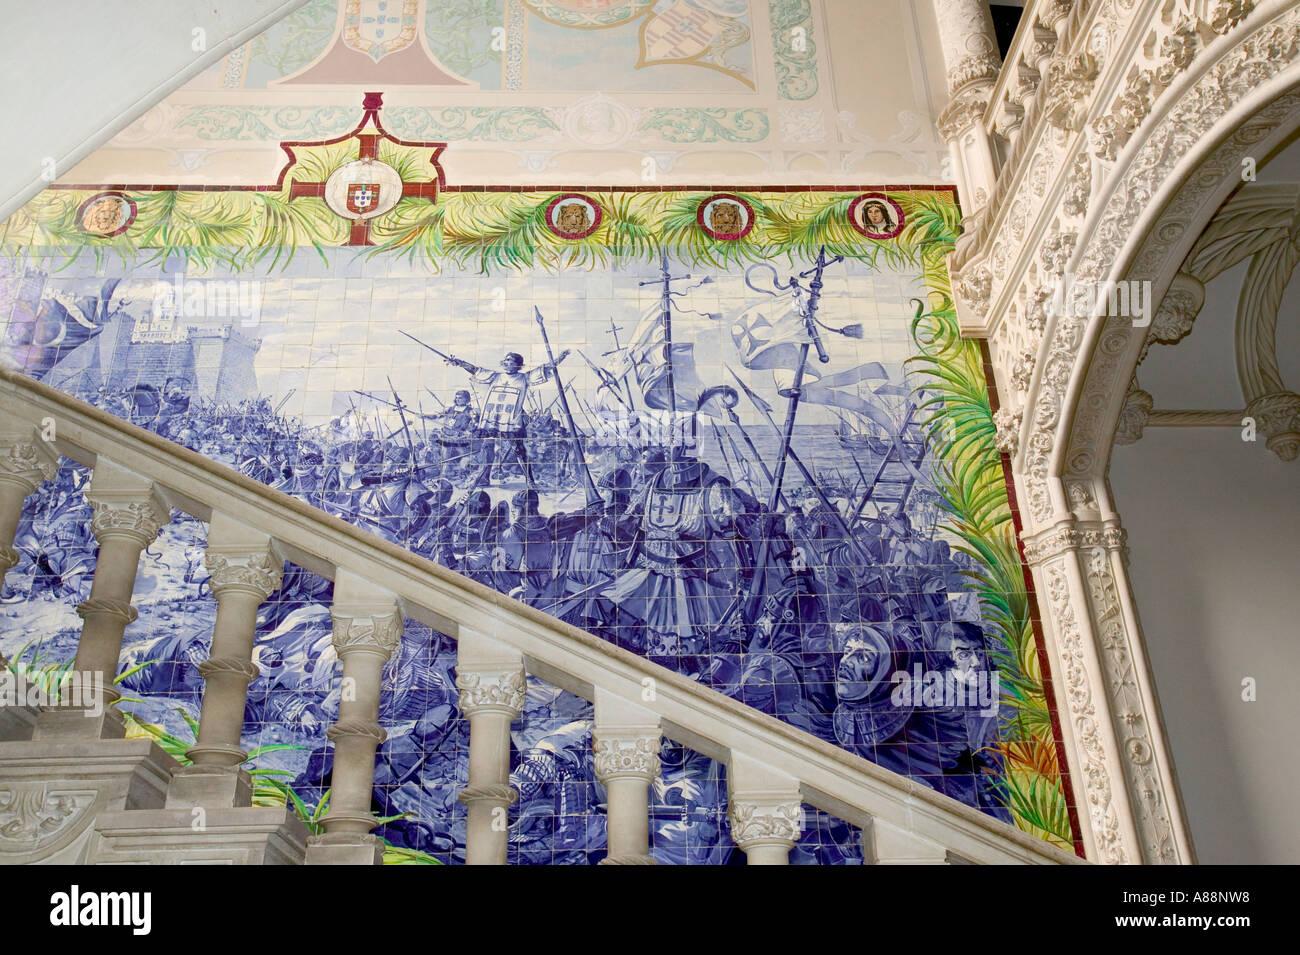 portugiesische fliesen fresken im palace hotel bussaco wald luso portugal gebaut wie ein. Black Bedroom Furniture Sets. Home Design Ideas